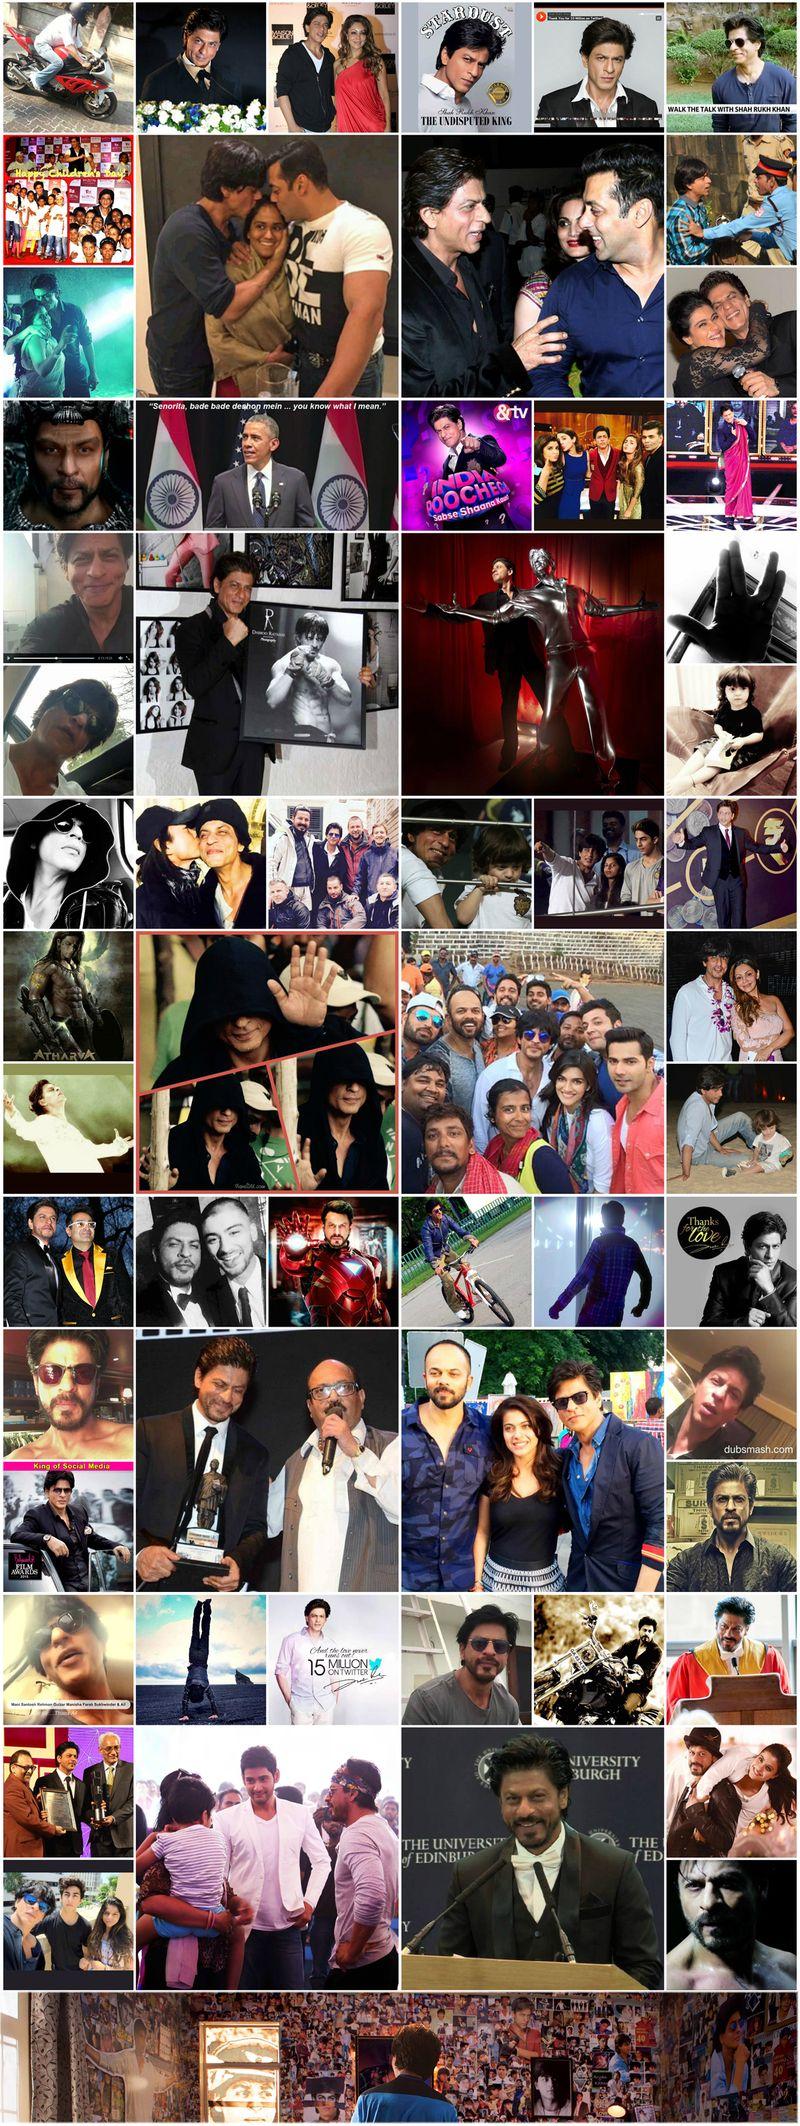 SRKat50-HappyBirthdaySRK-ShahRukhKhan-2015-1200